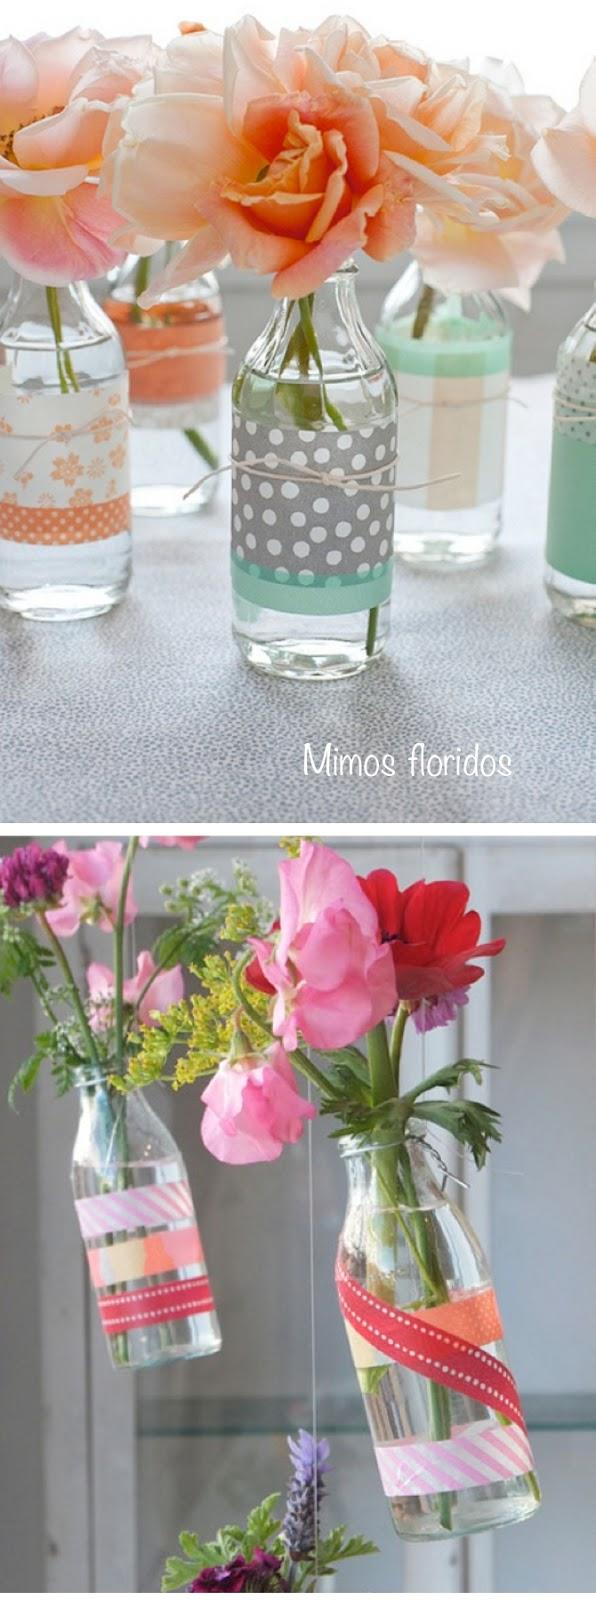 garrafas de flores-washi tape